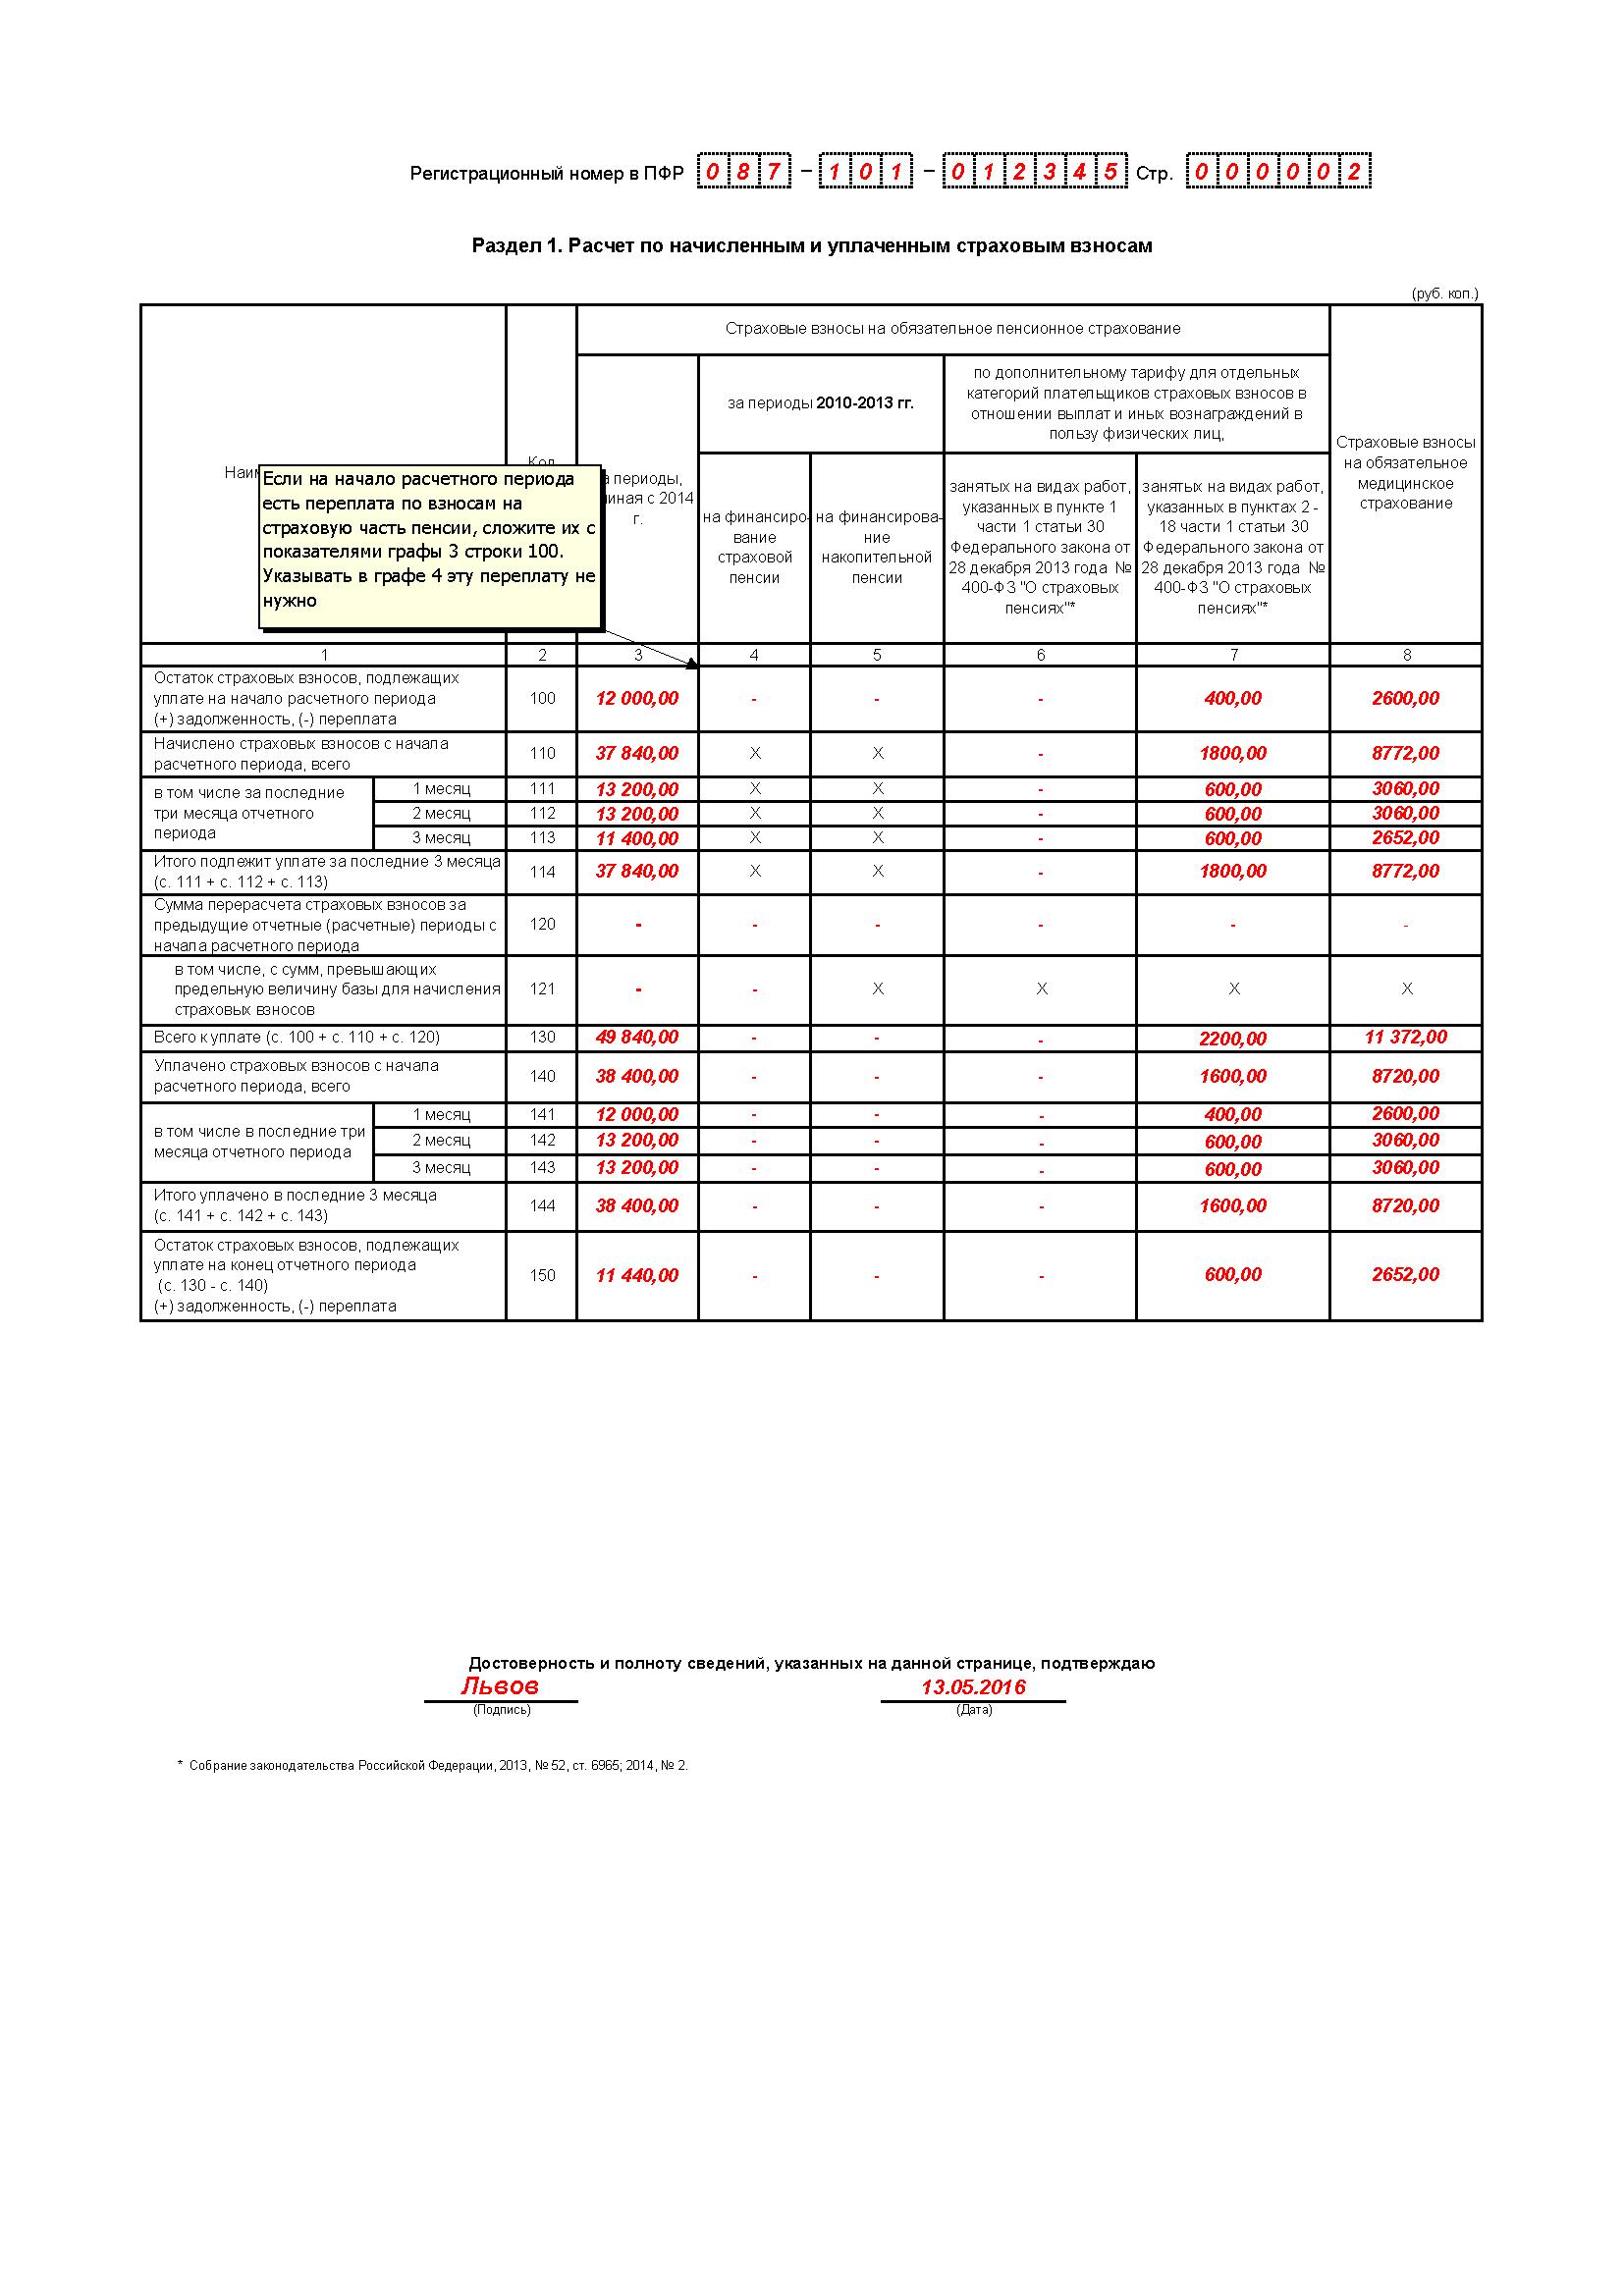 форма рсв-1 пфр за полугодие 2013 бланк